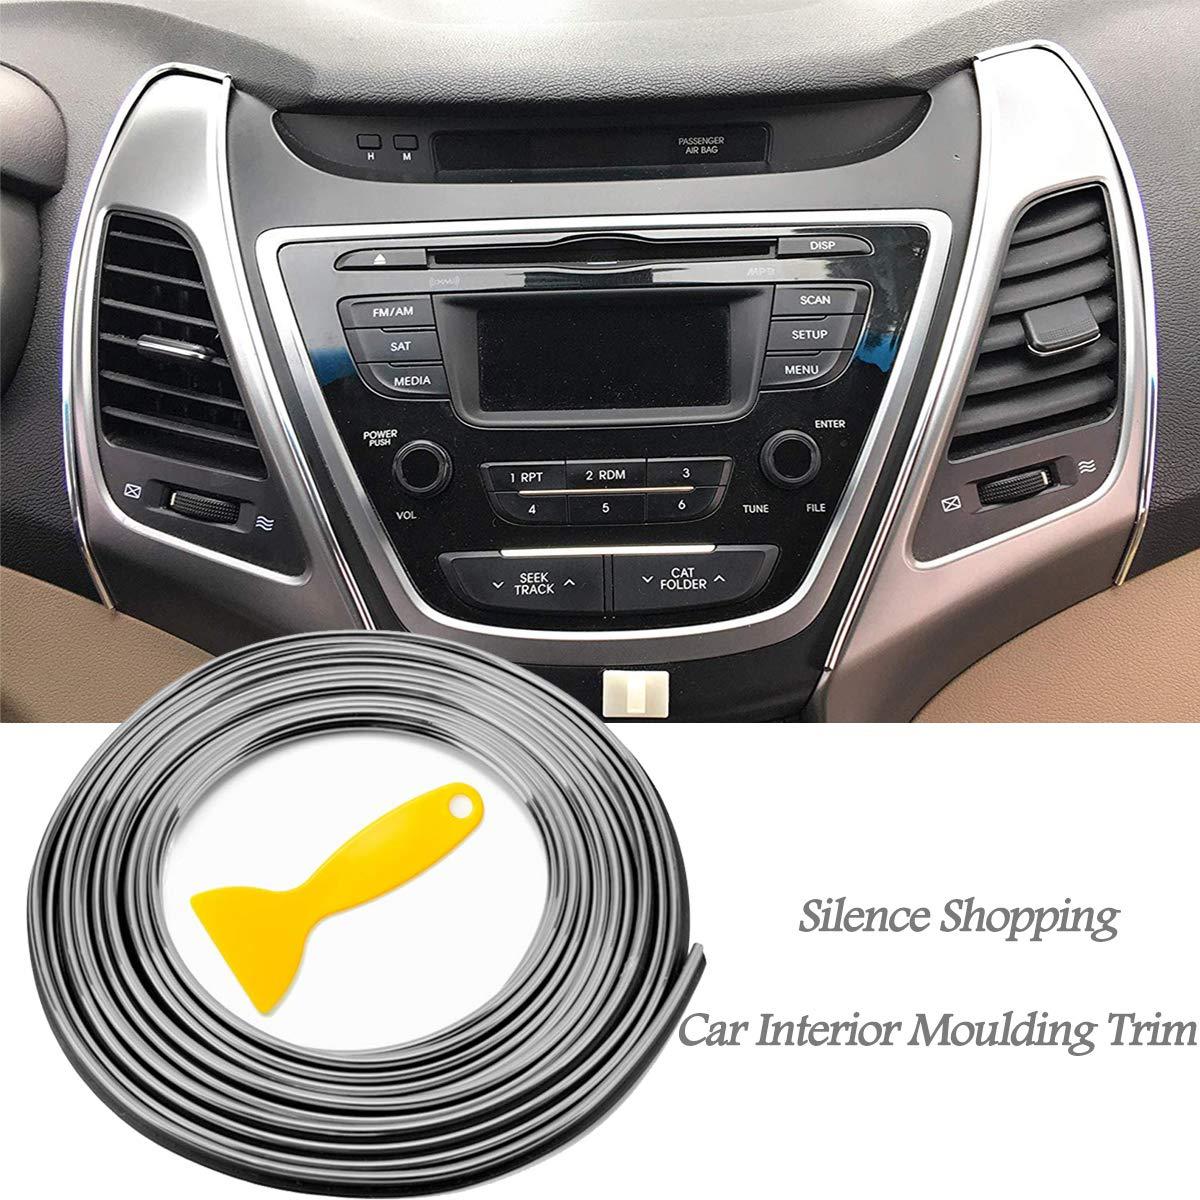 Red Silence Shopping 5M 3D bricolage automobile moteur de voiture int/érieur d/écoration ext/érieure moulage Trim ligne de bande Autocollant